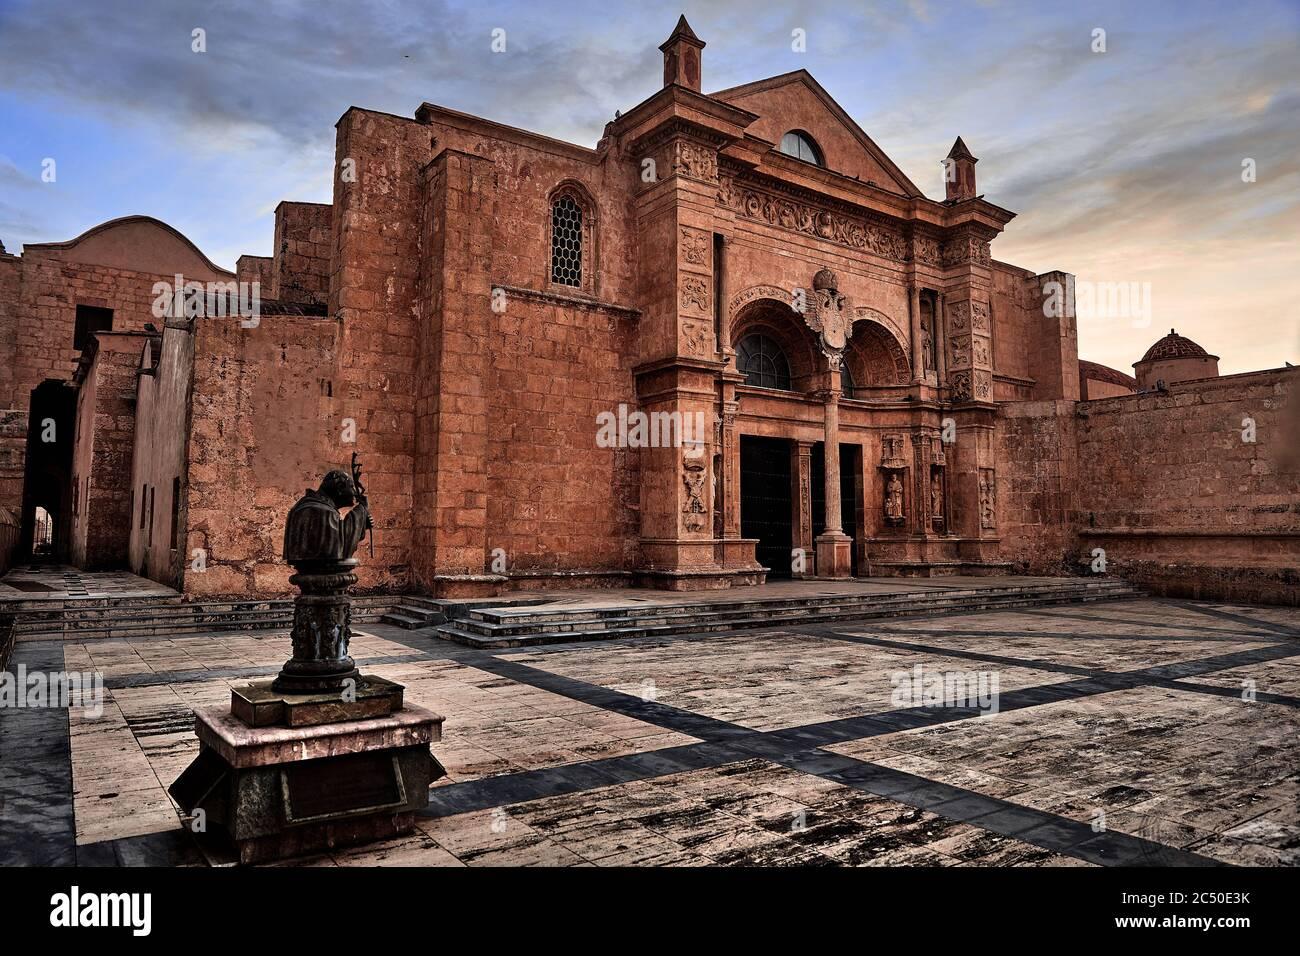 Extérieur de l'entrée principale de la cathédrale de Santa Maria la Menor. C'est la plus ancienne cathédrale des Amériques. Saint-Domingue, République dominicaine Banque D'Images